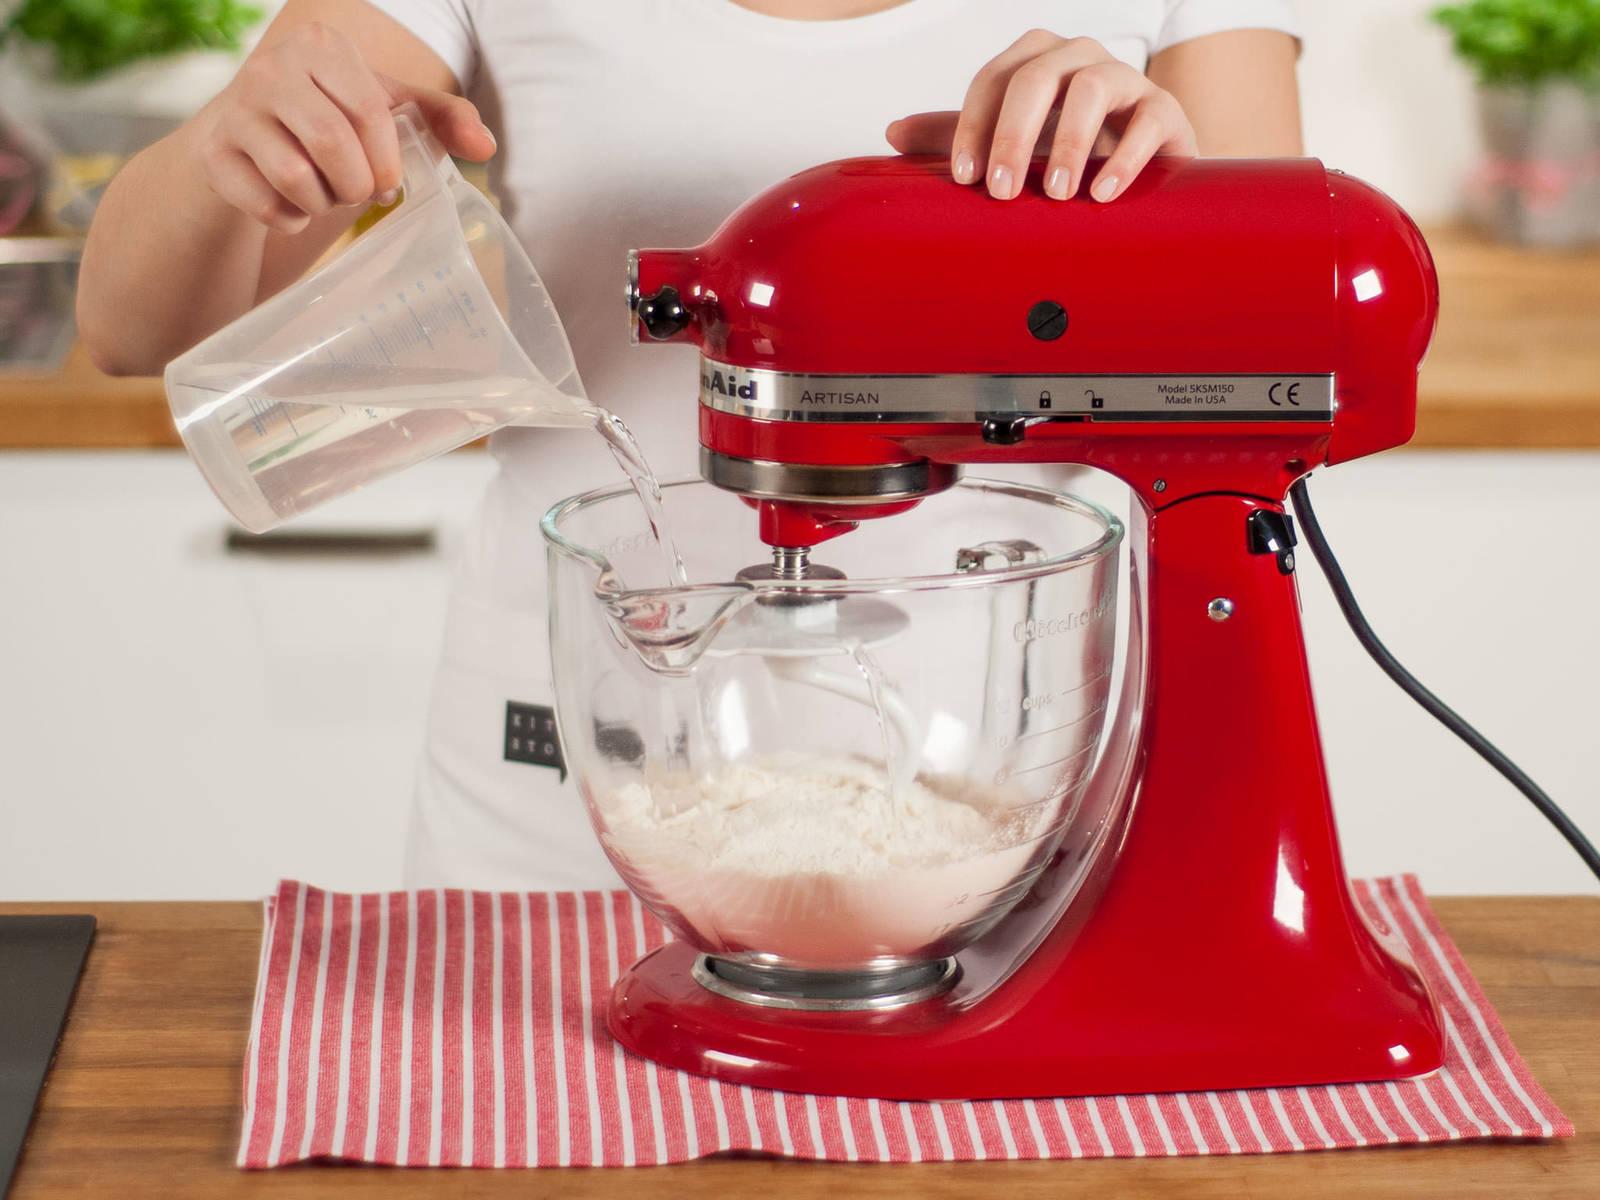 将面粉放入立式搅拌机或手持搅拌机中,加少许盐,然后加入水,搅拌5-7分钟,至面团顺滑。